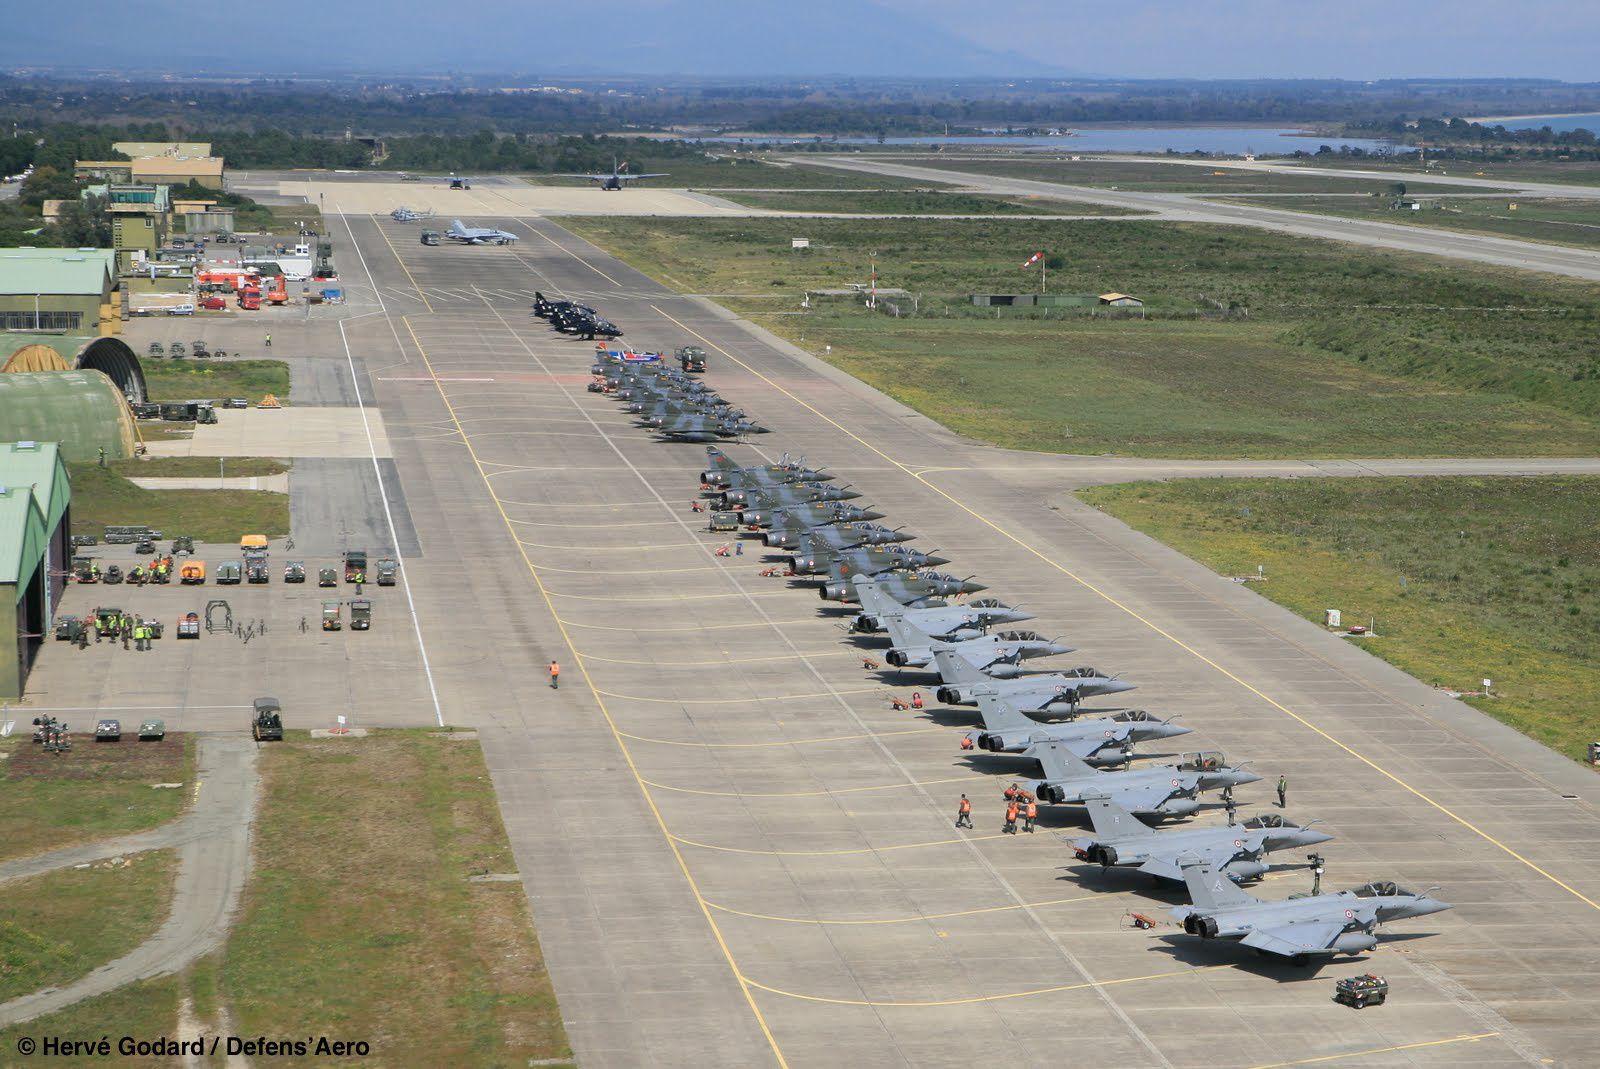 SERPENTEX : Les acteurs de l'appui aérien rapproché s'entraînent ensemble